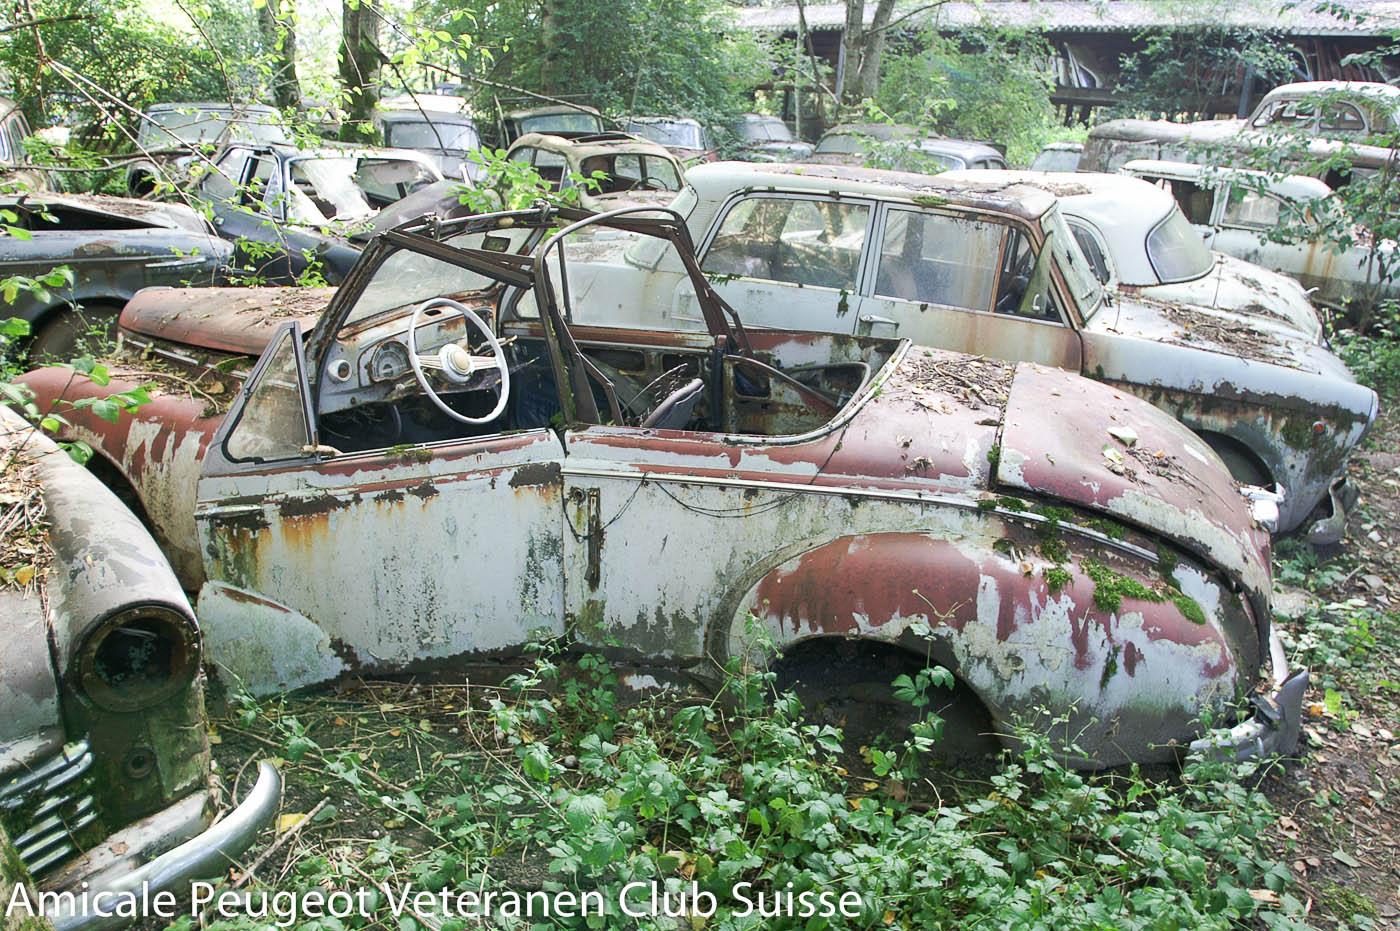 Peugeot 203 Cabriolet auf dem Autofriedhof Messerli in Kaufdorf